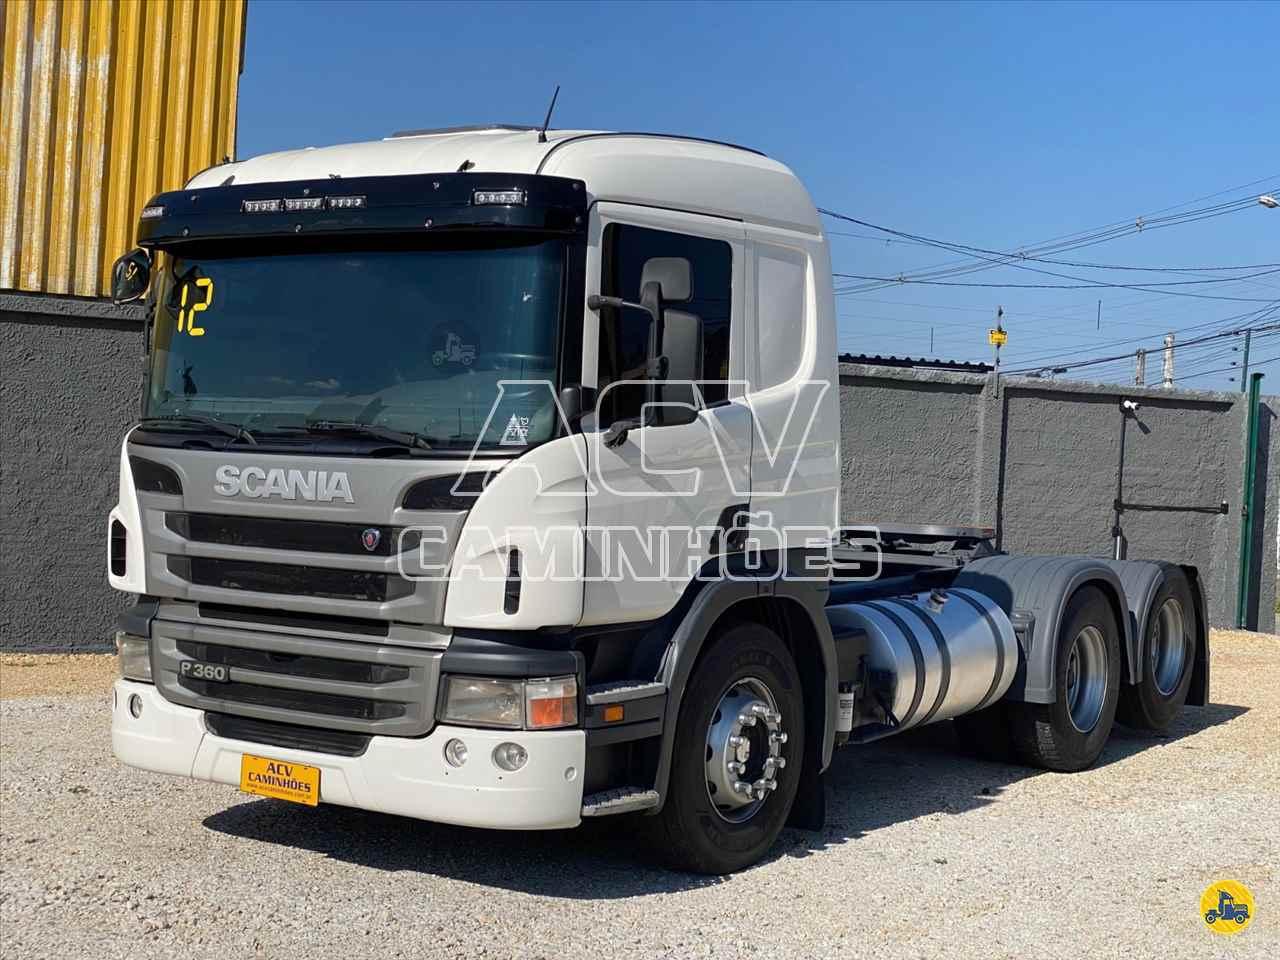 CAMINHAO SCANIA SCANIA P360 Cavalo Mecânico Truck 6x2 ACV Caminhões CURITIBA PARANÁ PR